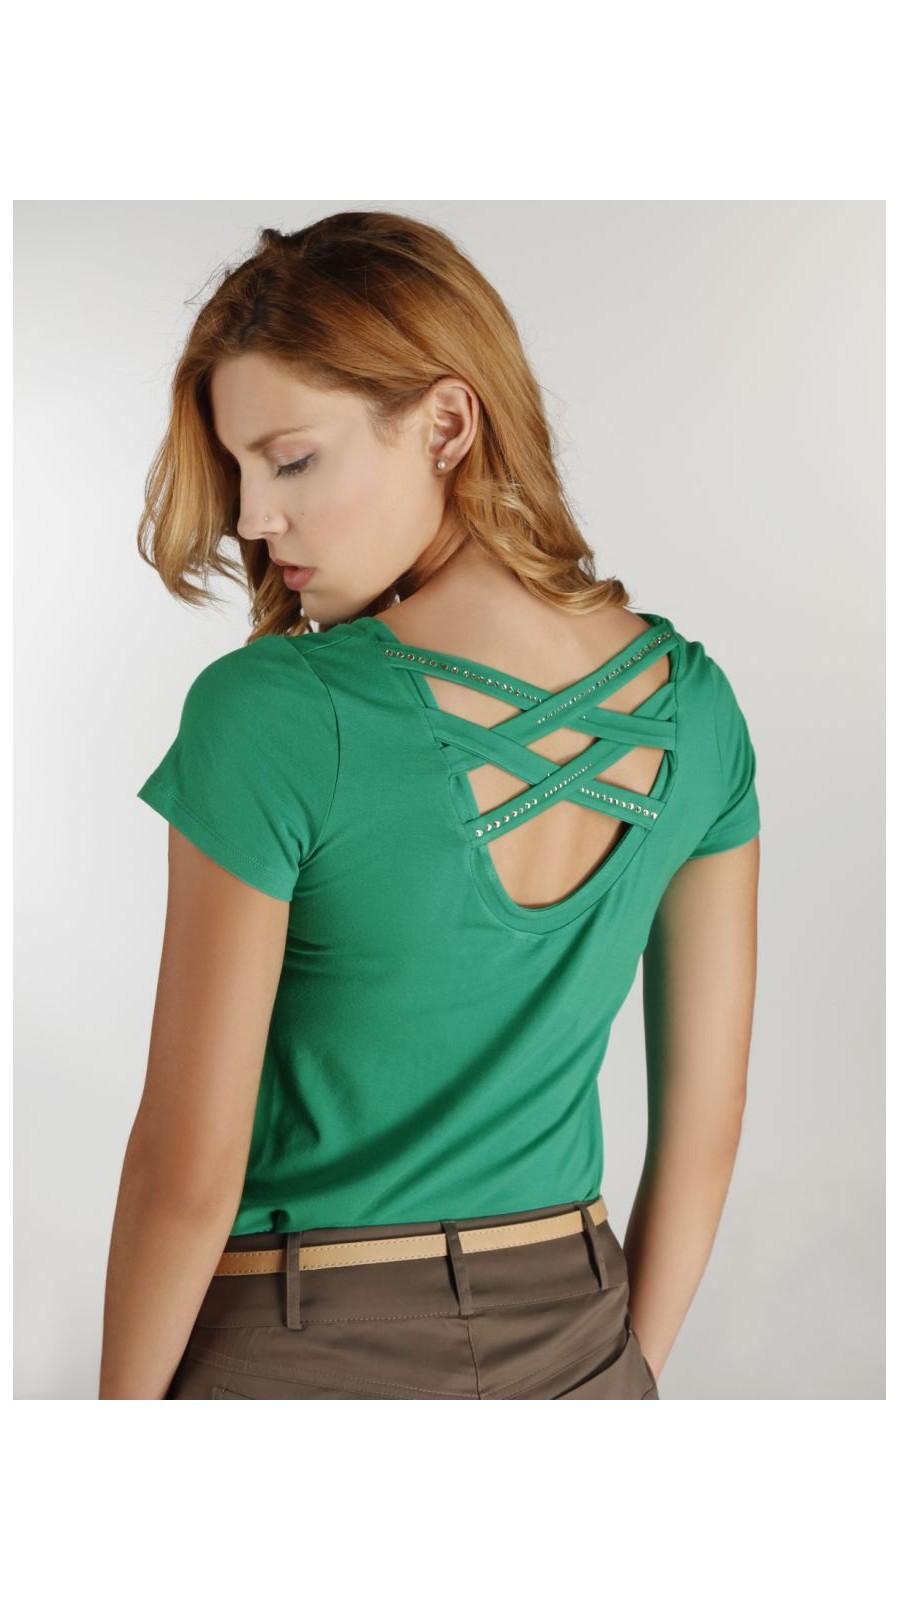 b14cdf830986 Μπλούζα στενή με χιαστή πλάτη και strass - Open Fashion